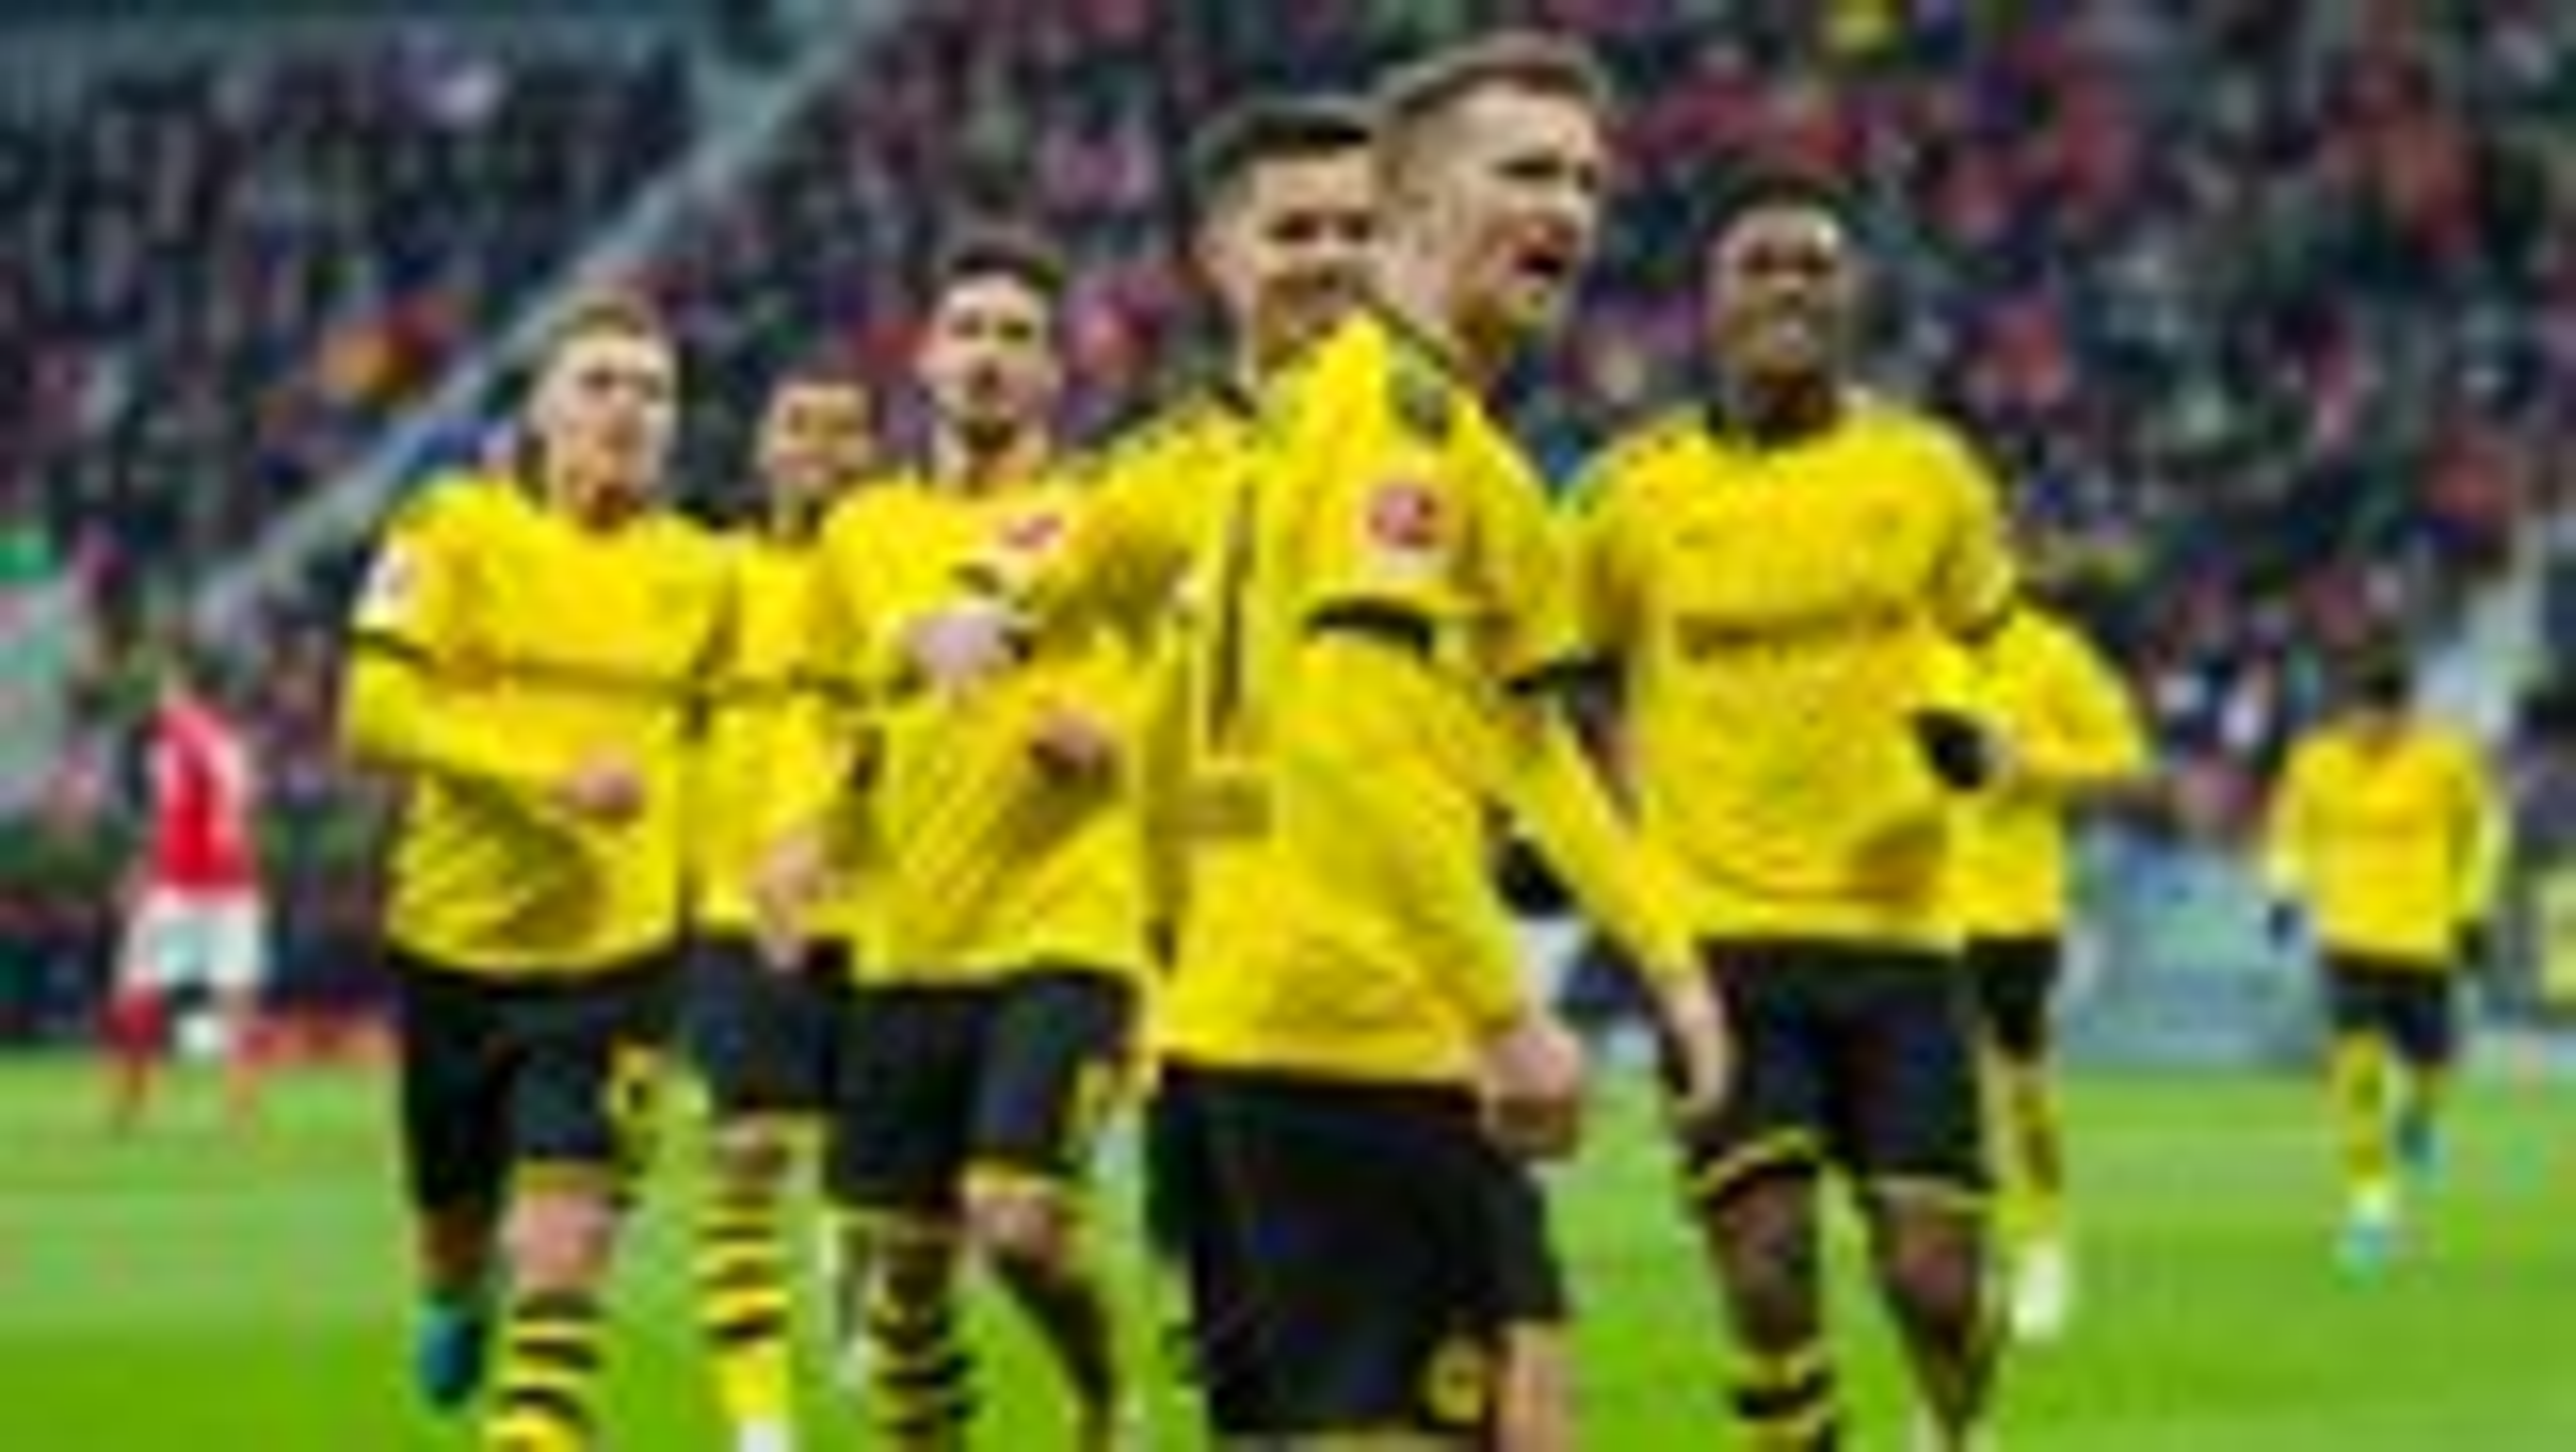 Dortmund feiert verdientes 4:0 in Mainz